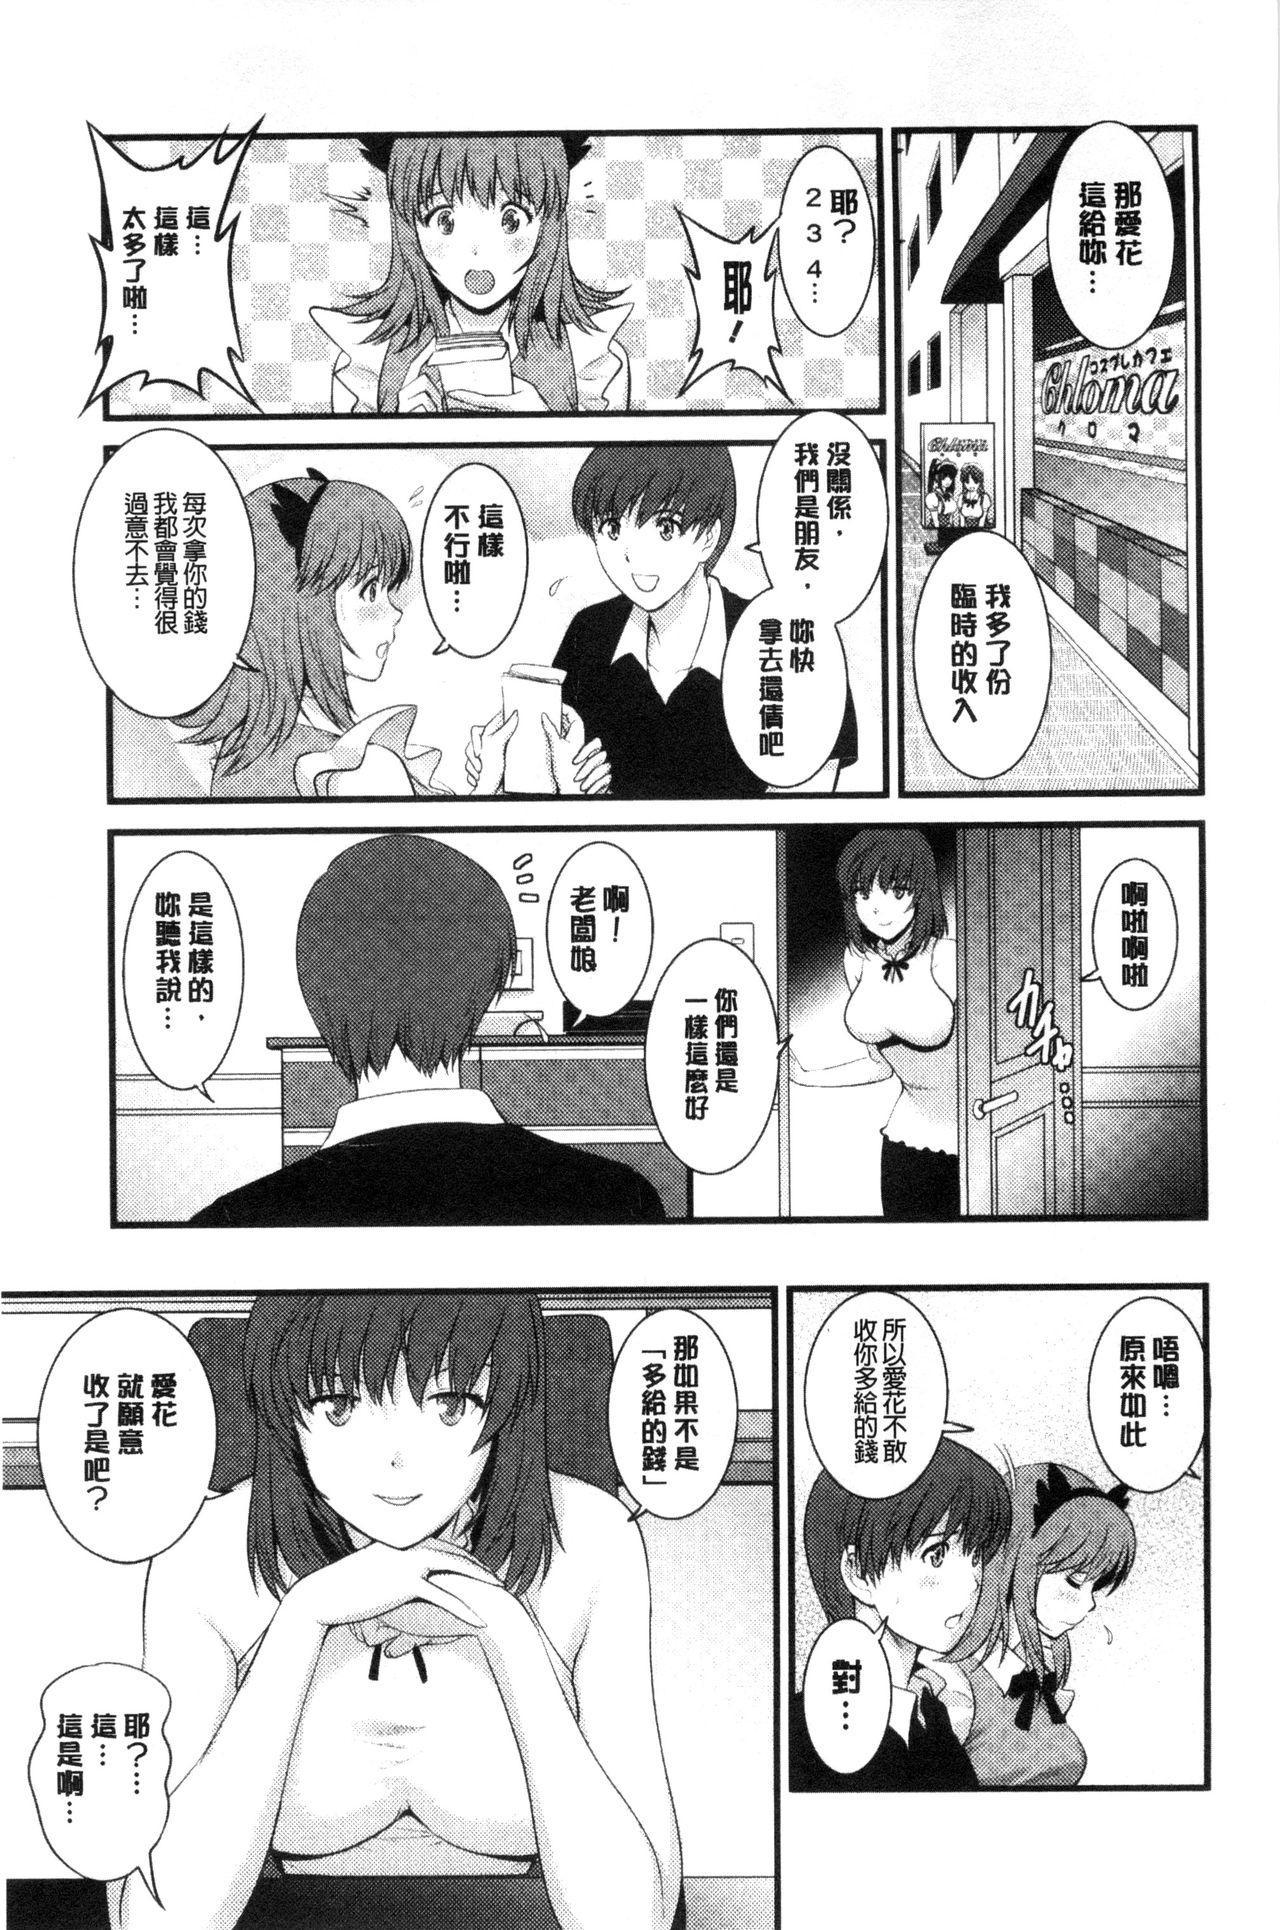 [Saigado] Part Time Manaka-san Wakazuma Enjokousai-ki | 兼職打工的愛花小姐 [Chinese] 127